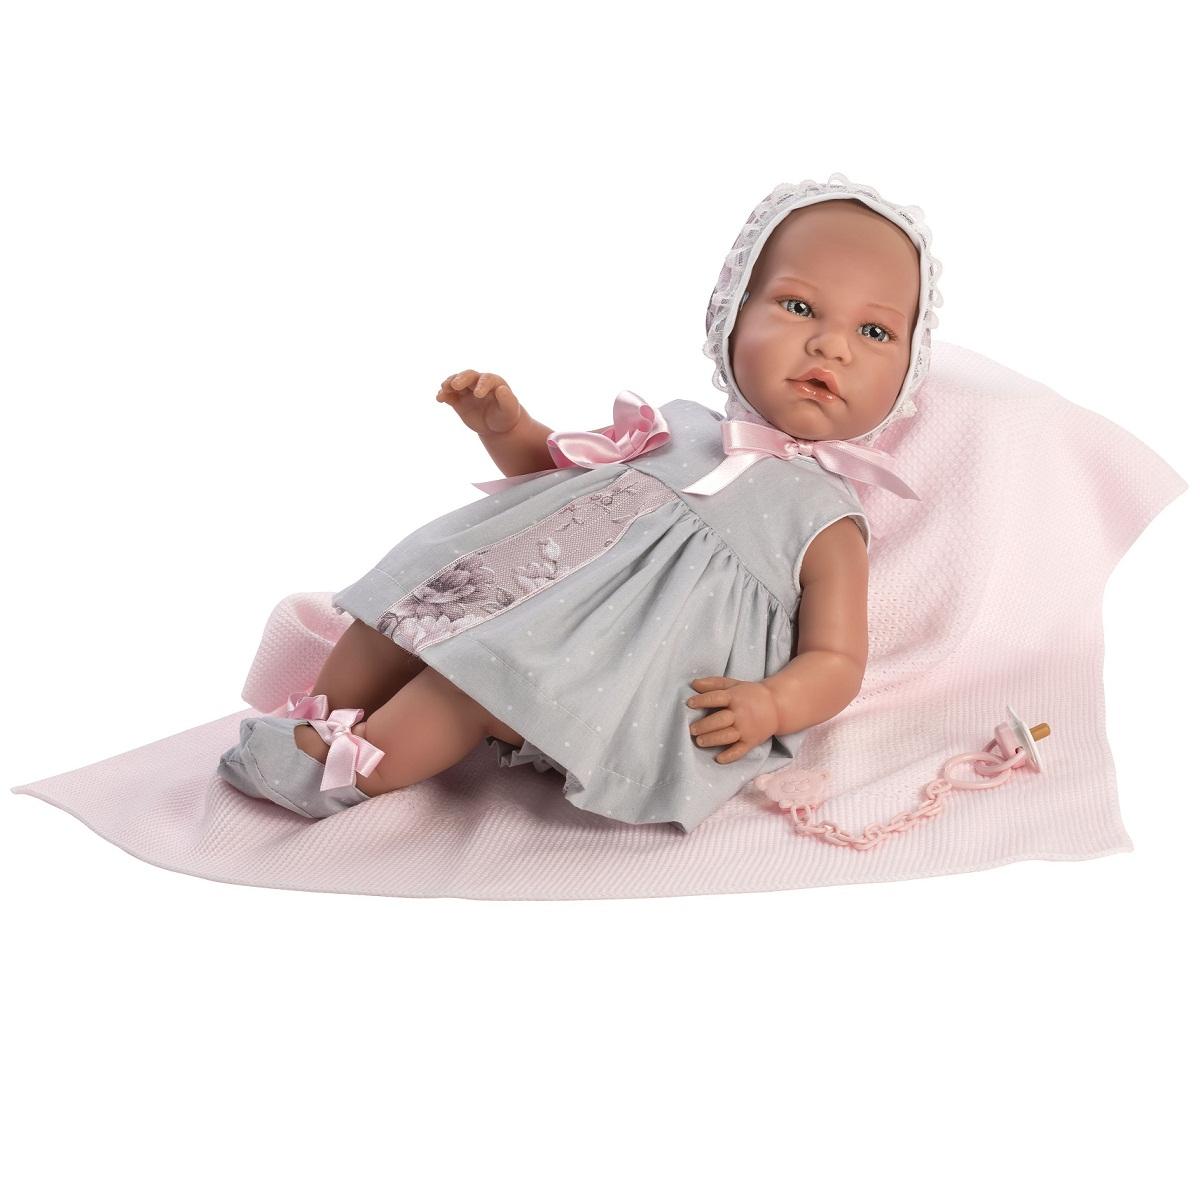 Кукла - Даниэла, 46 см фото